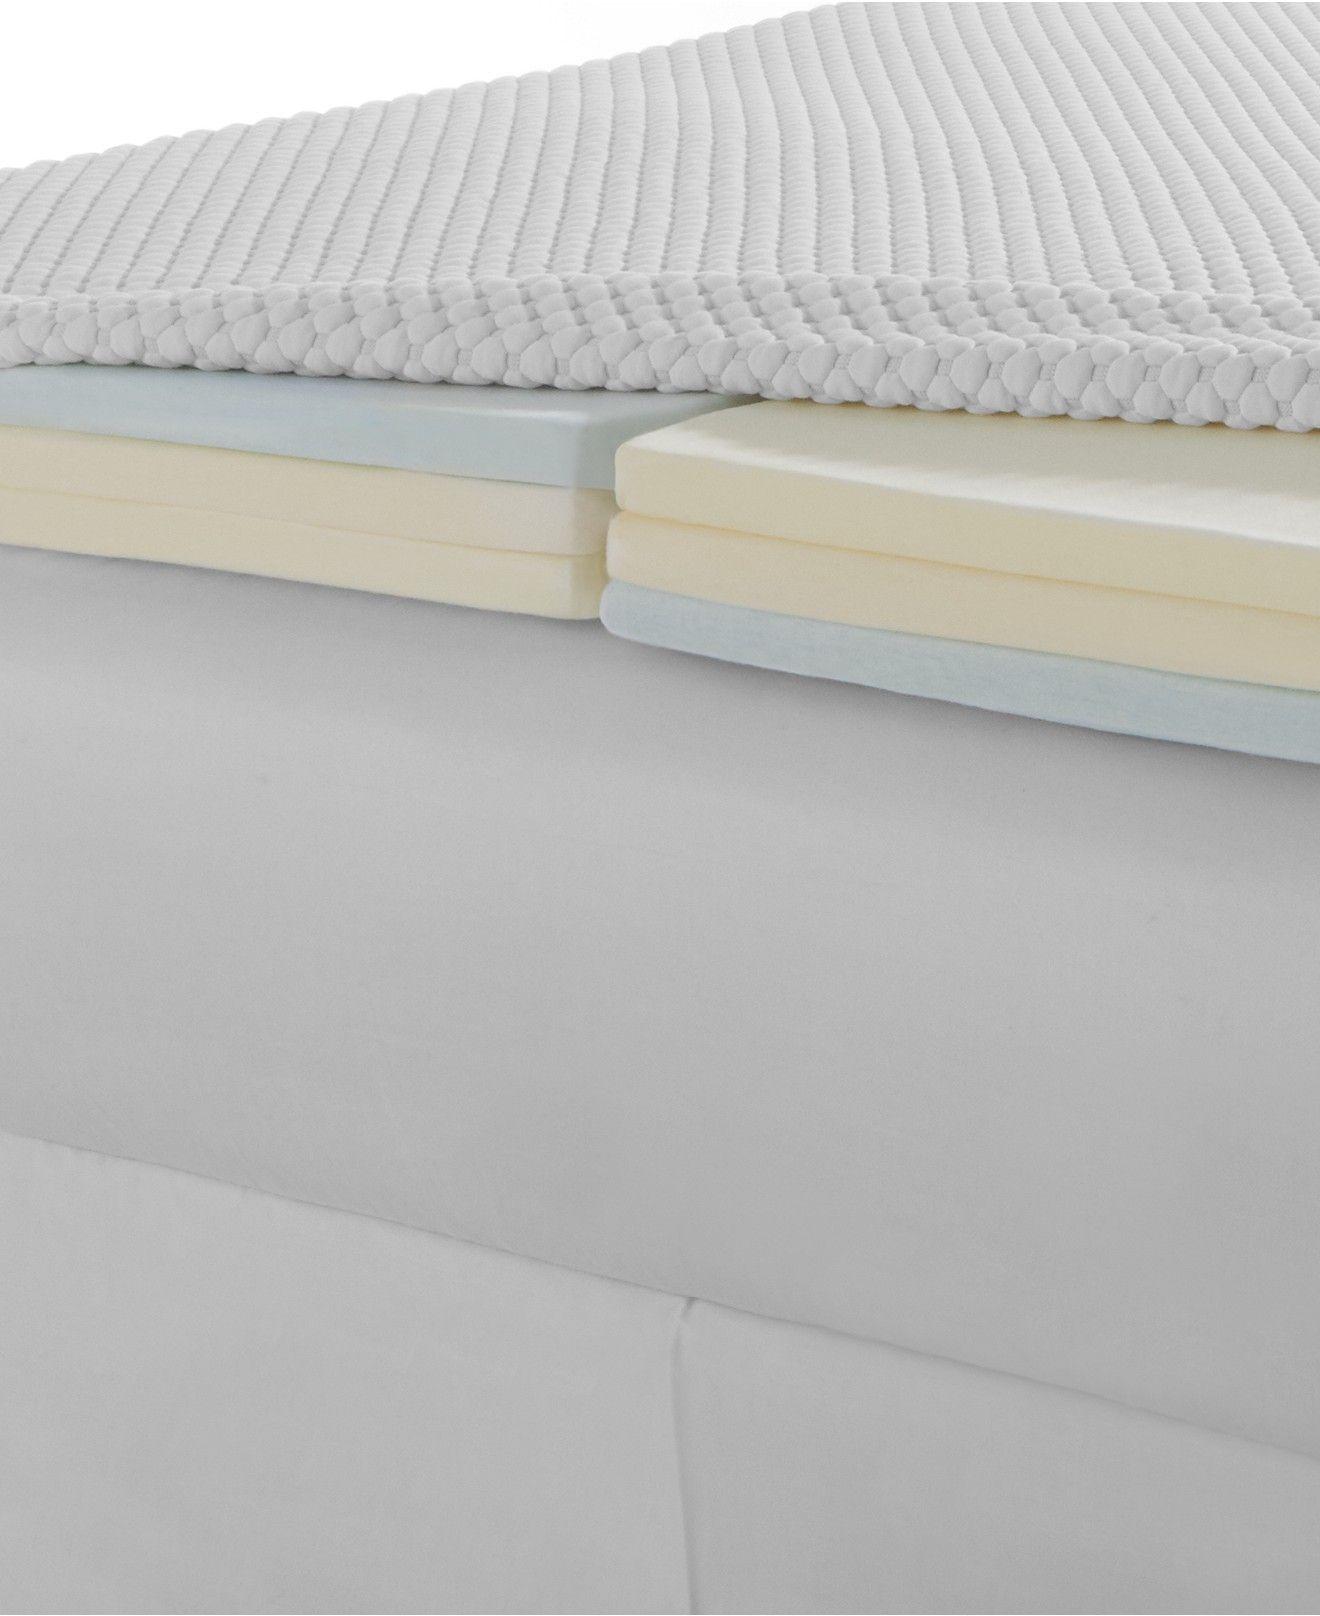 world mattresses firm macy mattress recharge pillowtop teagan pin class macys beautyrest sets luxury s